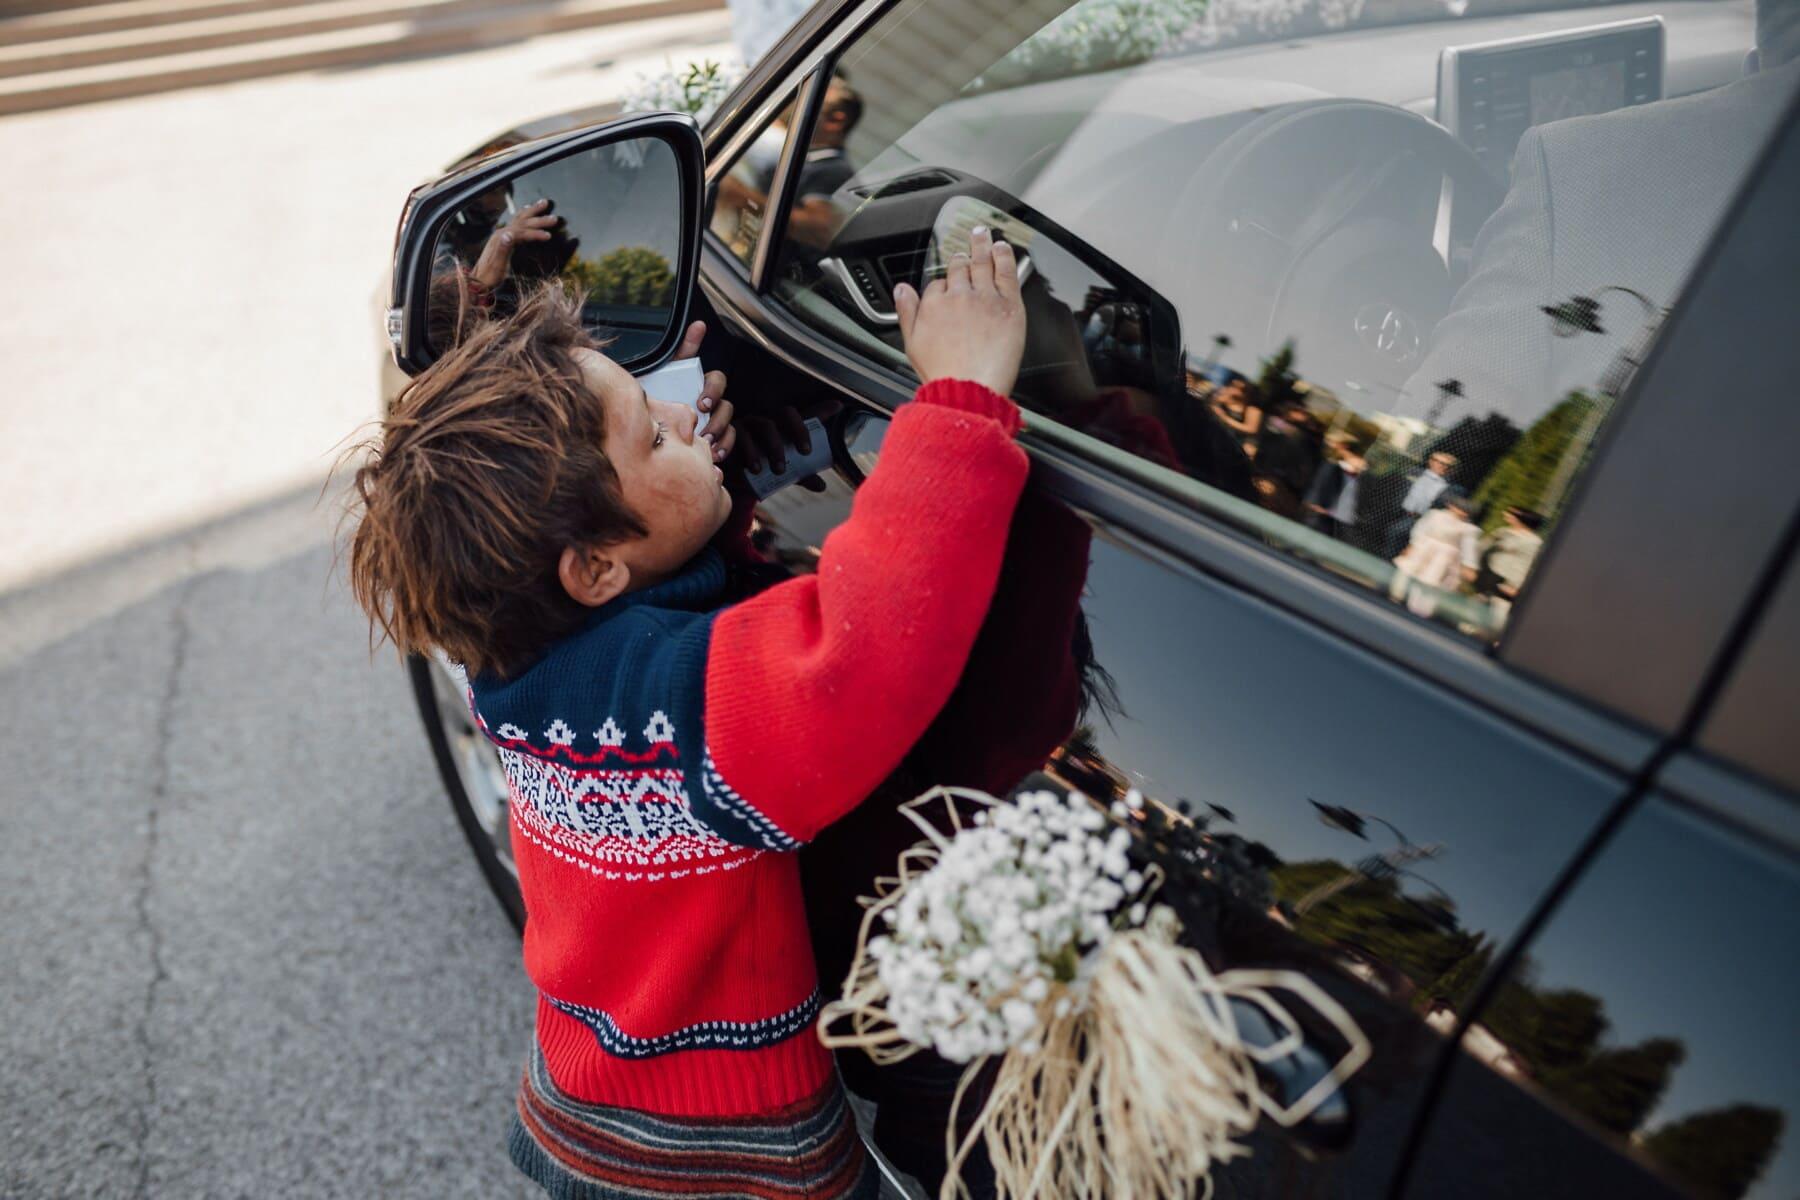 cigan, dijete, siromaštvo, prosjak. auto, automobil, vozila, ulica, cvijet, portret